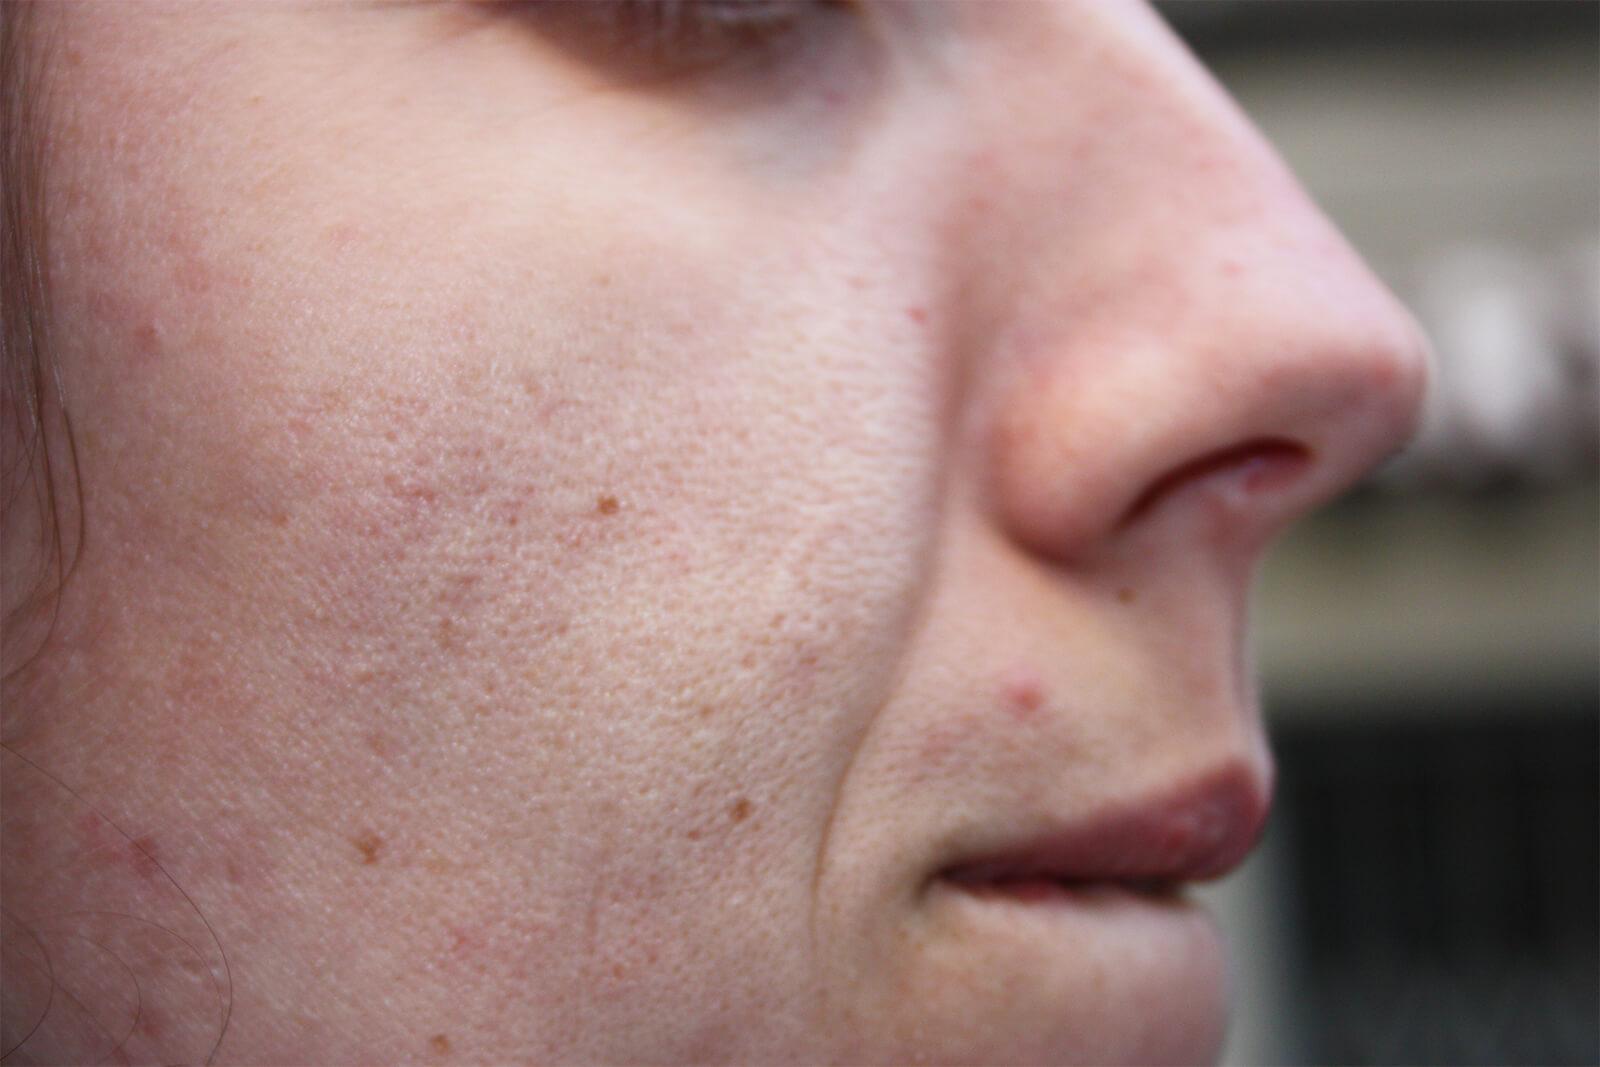 visage - Peau sans éclat, sécheresse cutanée, pores dilatés 3